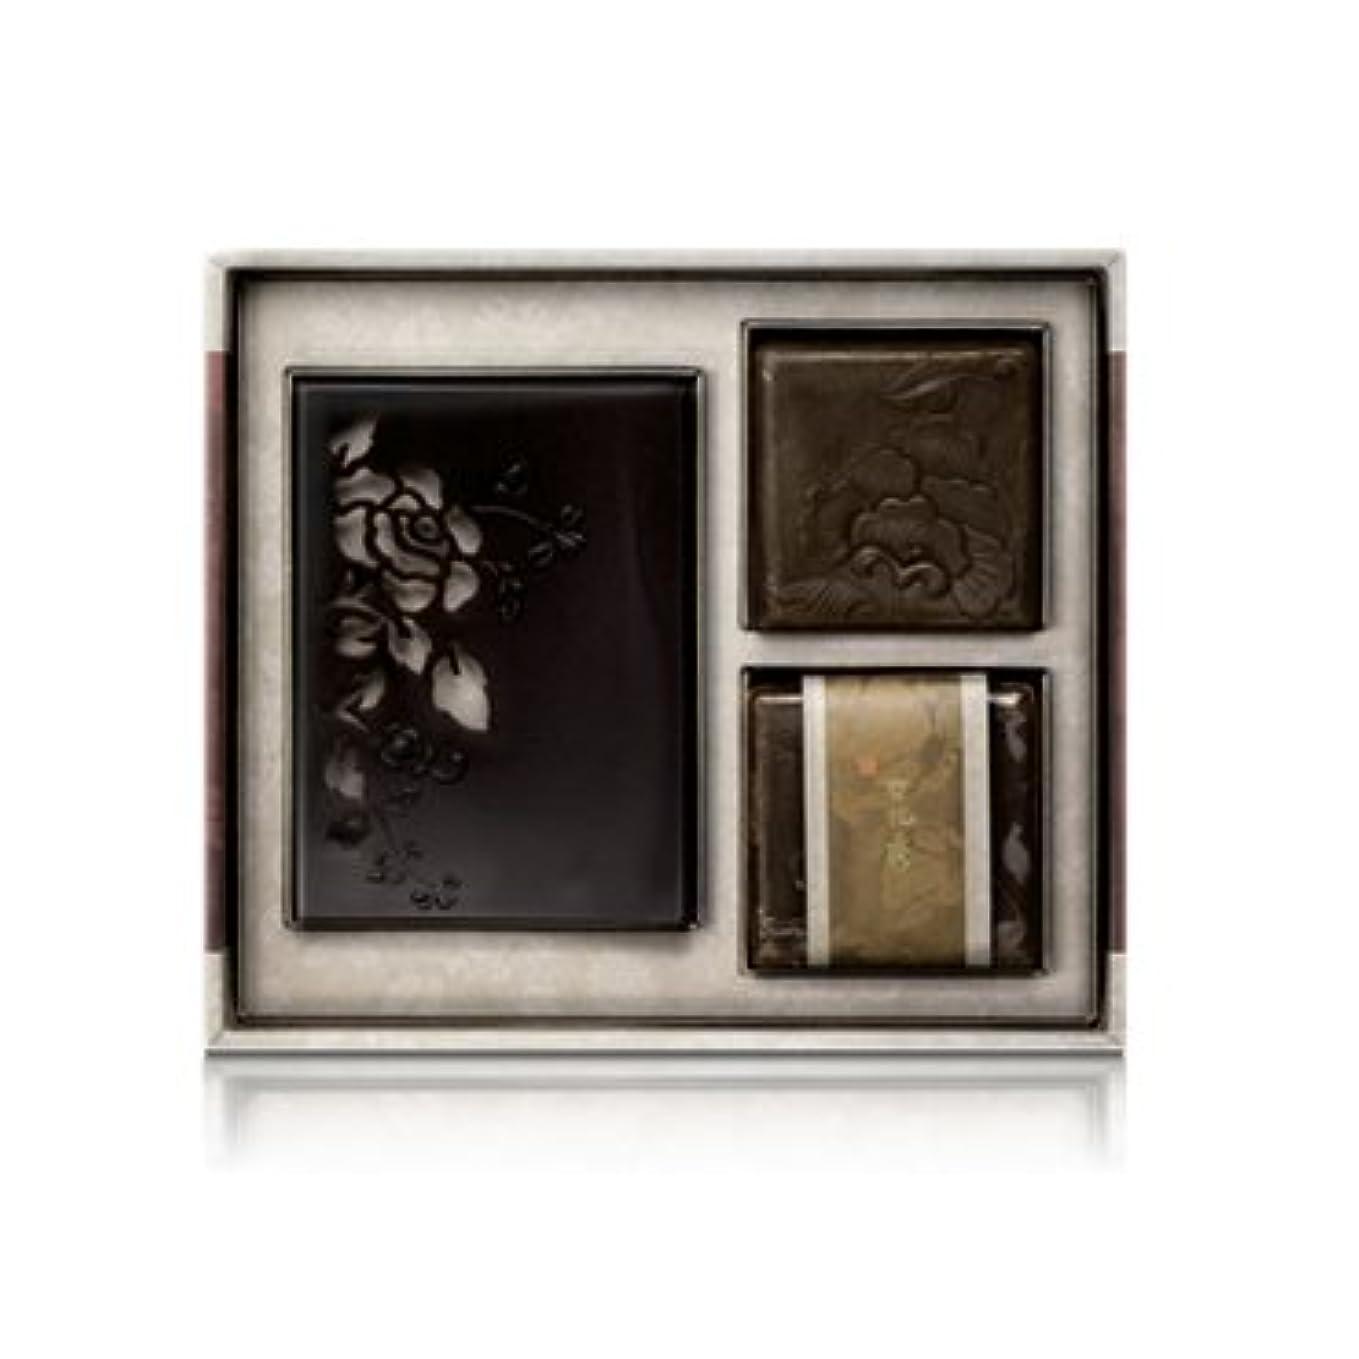 広範囲飛ぶ入札ソラス [雪花秀] 宮中石鹸 (100g * 2個+ケース) 1748